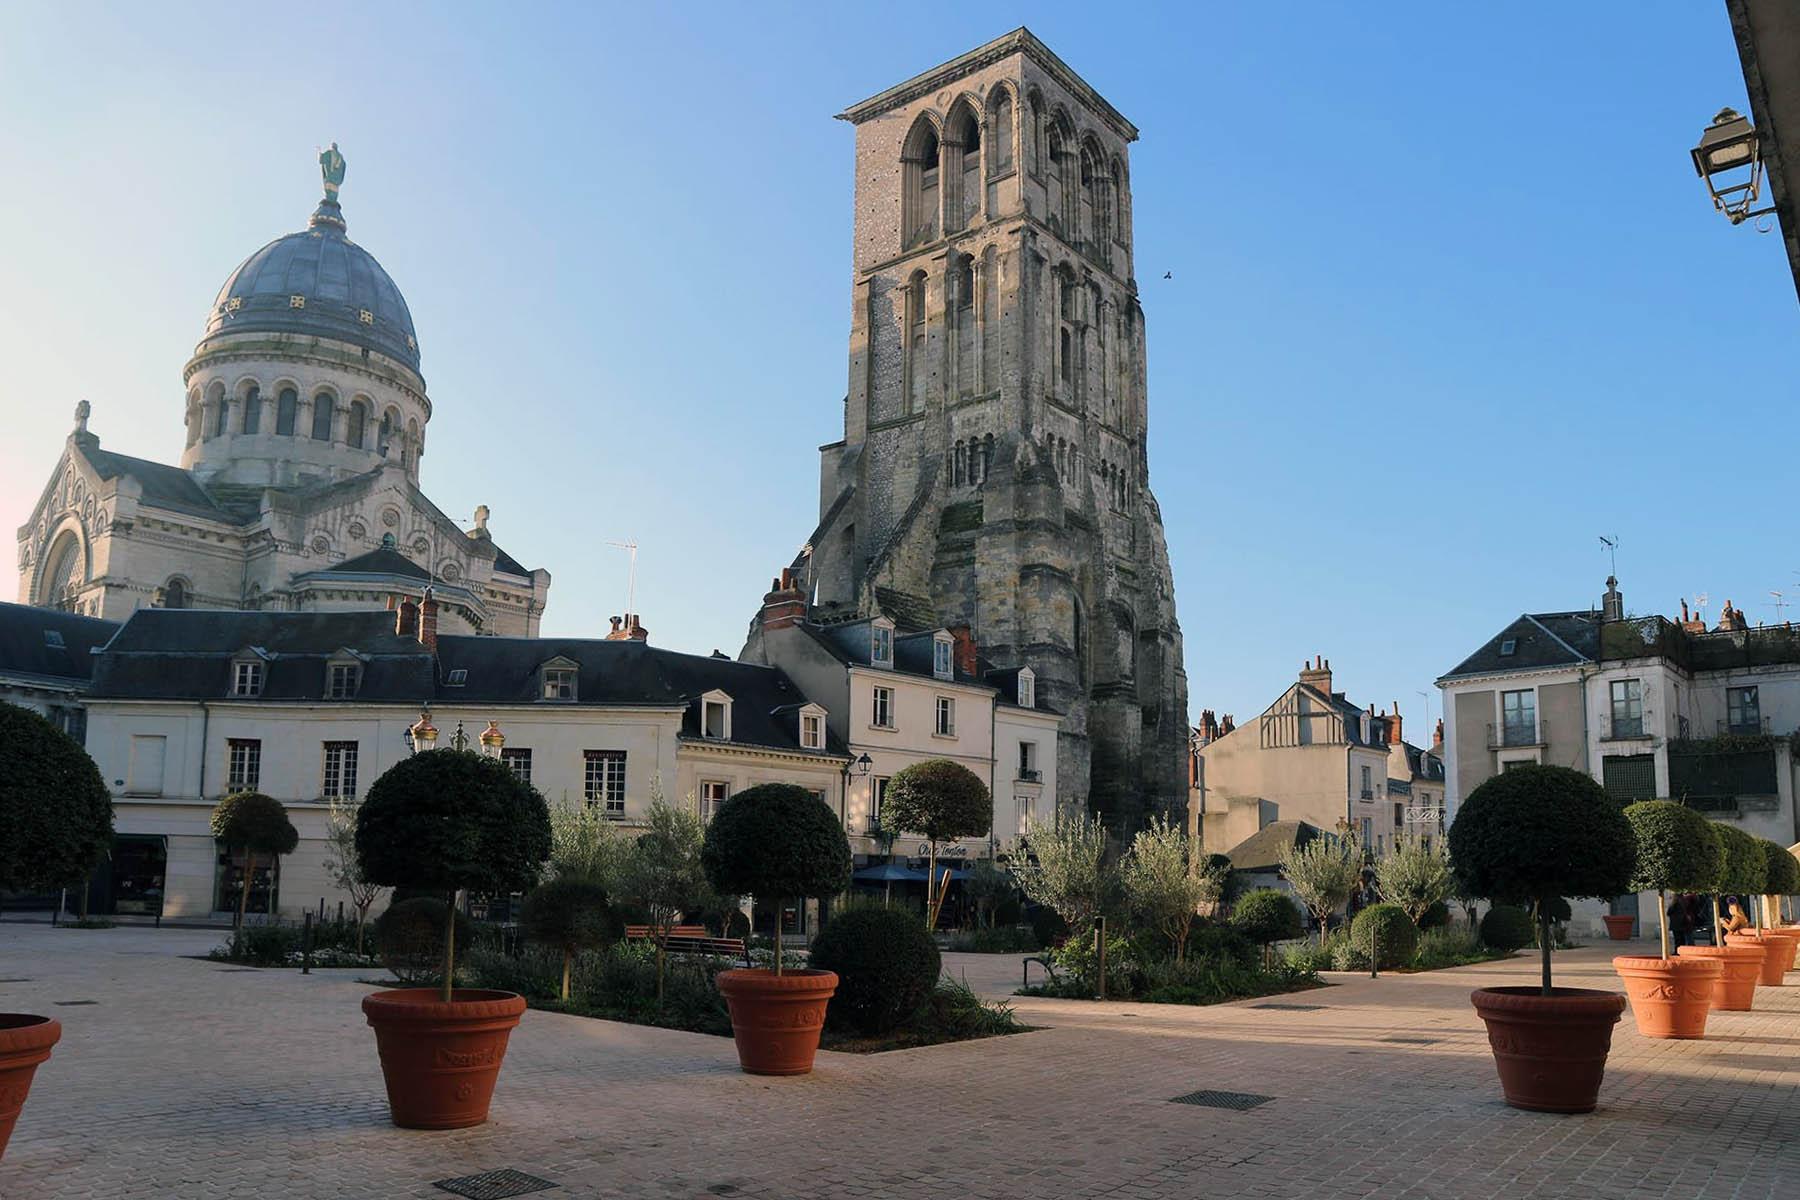 Tours. In der Altstadt verschmelzen knarzige Fachwerkhäuser und helle Tuffsteinfassaden mit Sakralbau-Fragmenten. Der schöne Place de Châteauneuf wurde erst kürzlich von parkenden Autos befreit.